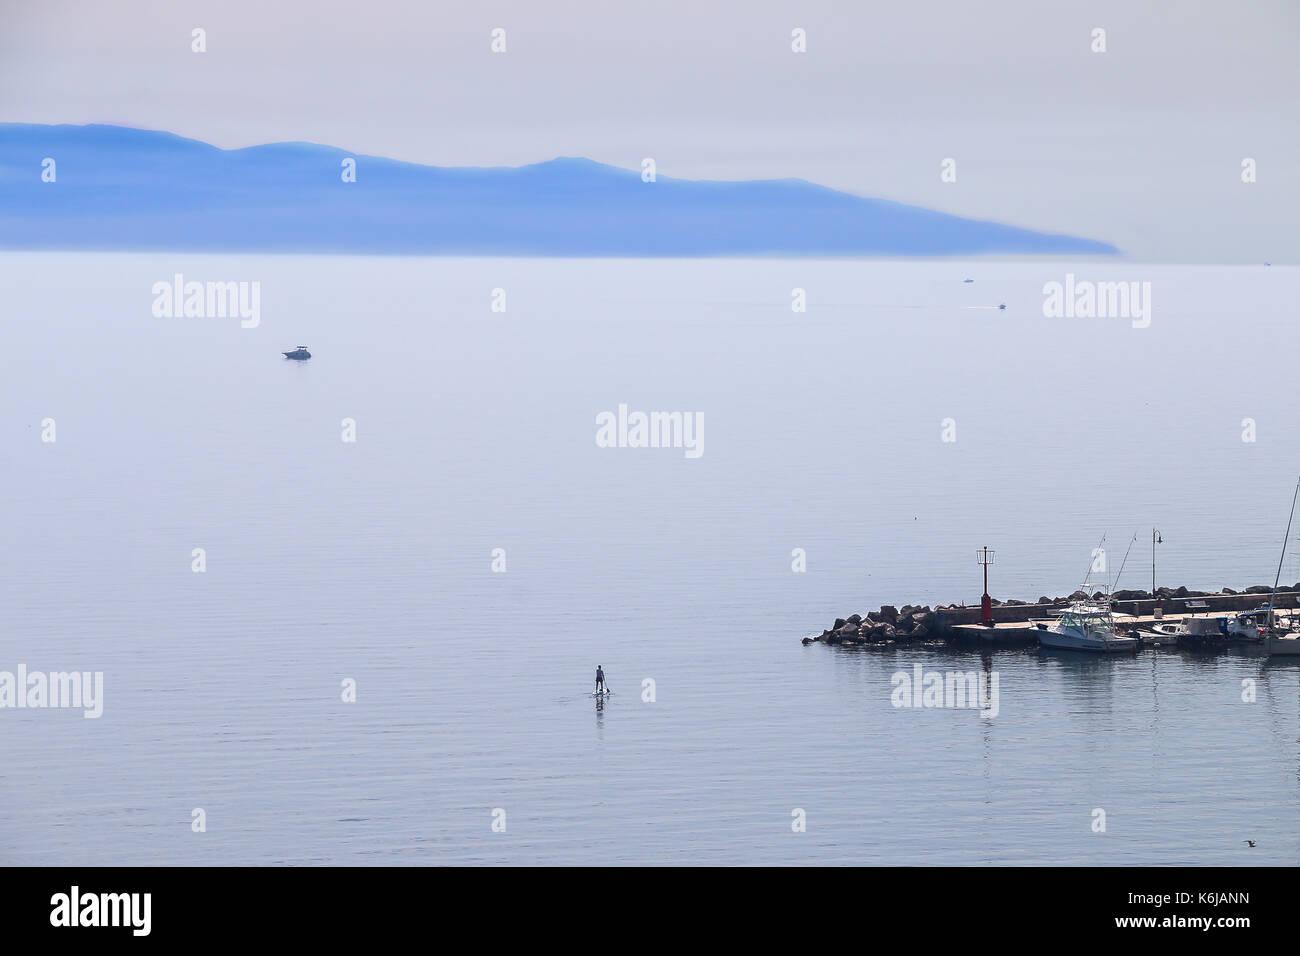 Volosko, Croation Adriatic Haze - Stock Image